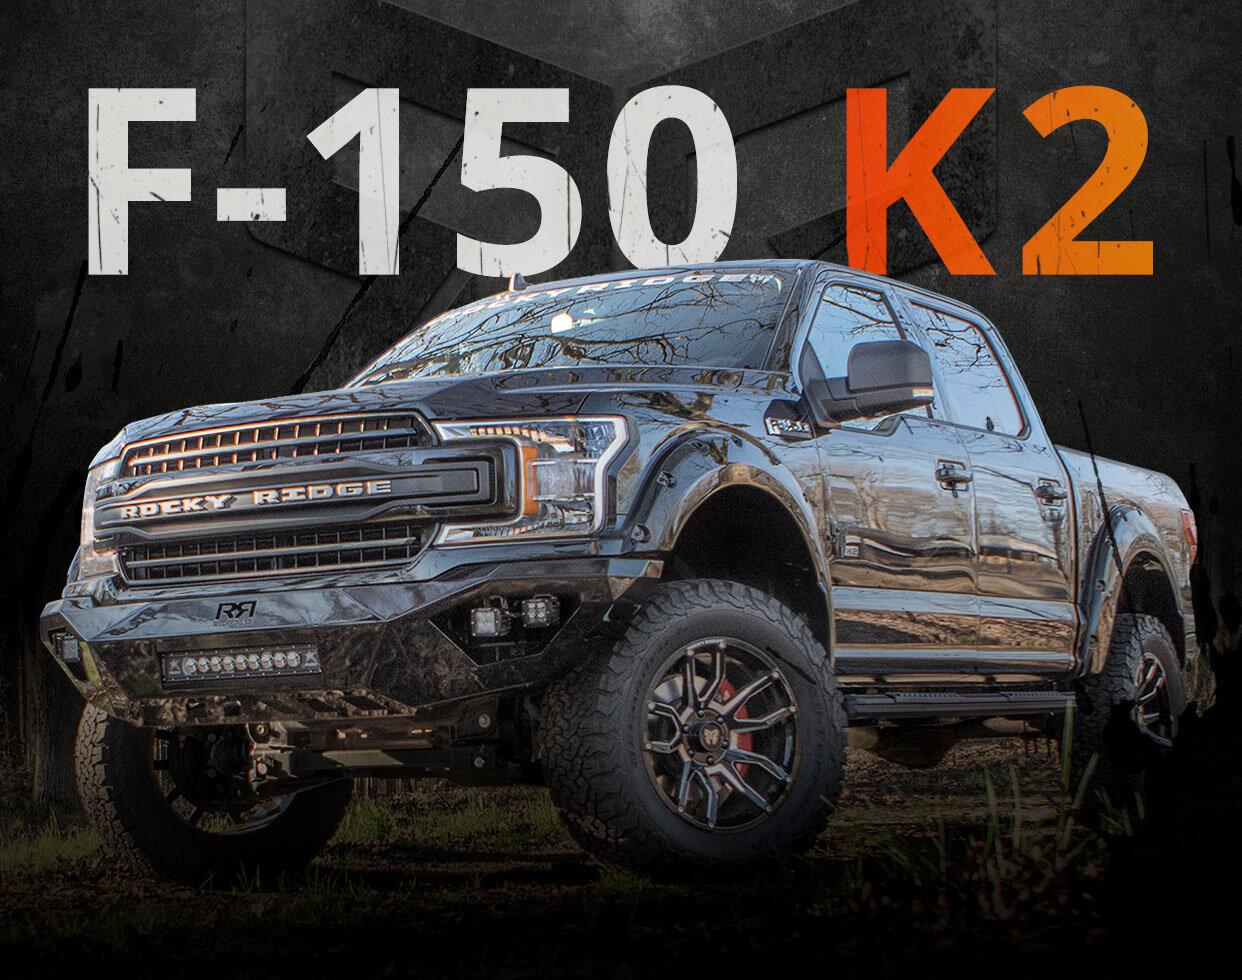 Lifted Ford F150 And F250 Trucks Custom 4x4 Ford F150 And F250 K2 Rocky Ridge Trucks